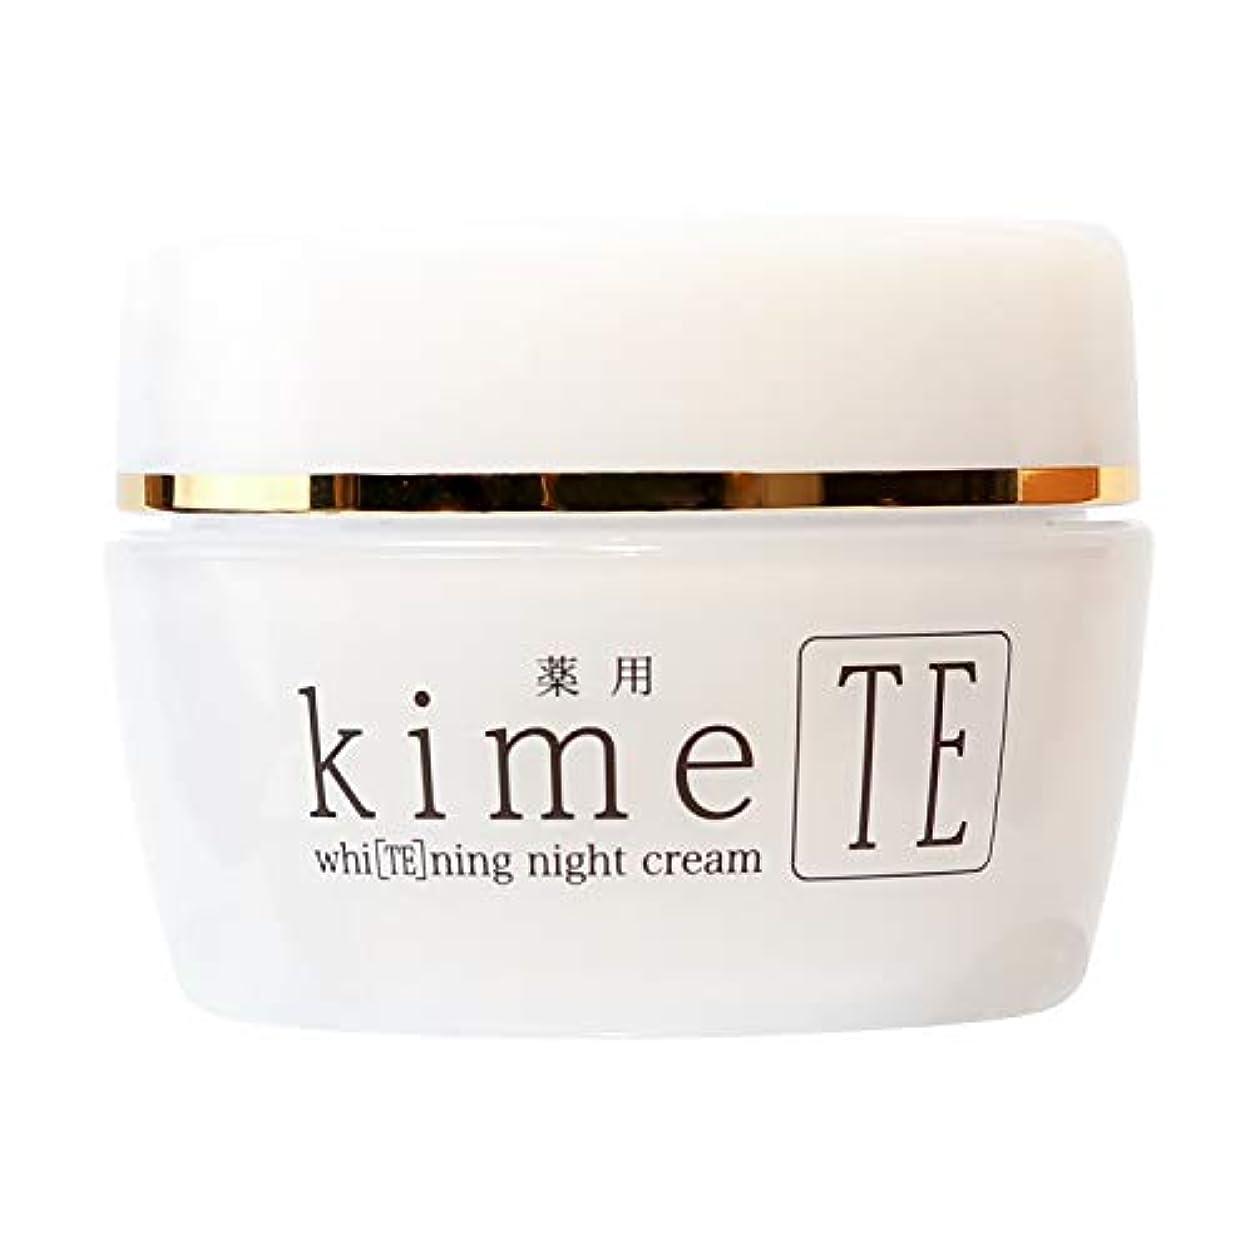 宙返り必要ないシャーロットブロンテ【スペシャルアプローチ】kimeTE(キメテ)美白 保湿 無添加 ハンドケア 薬用ホワイトニングクリーム